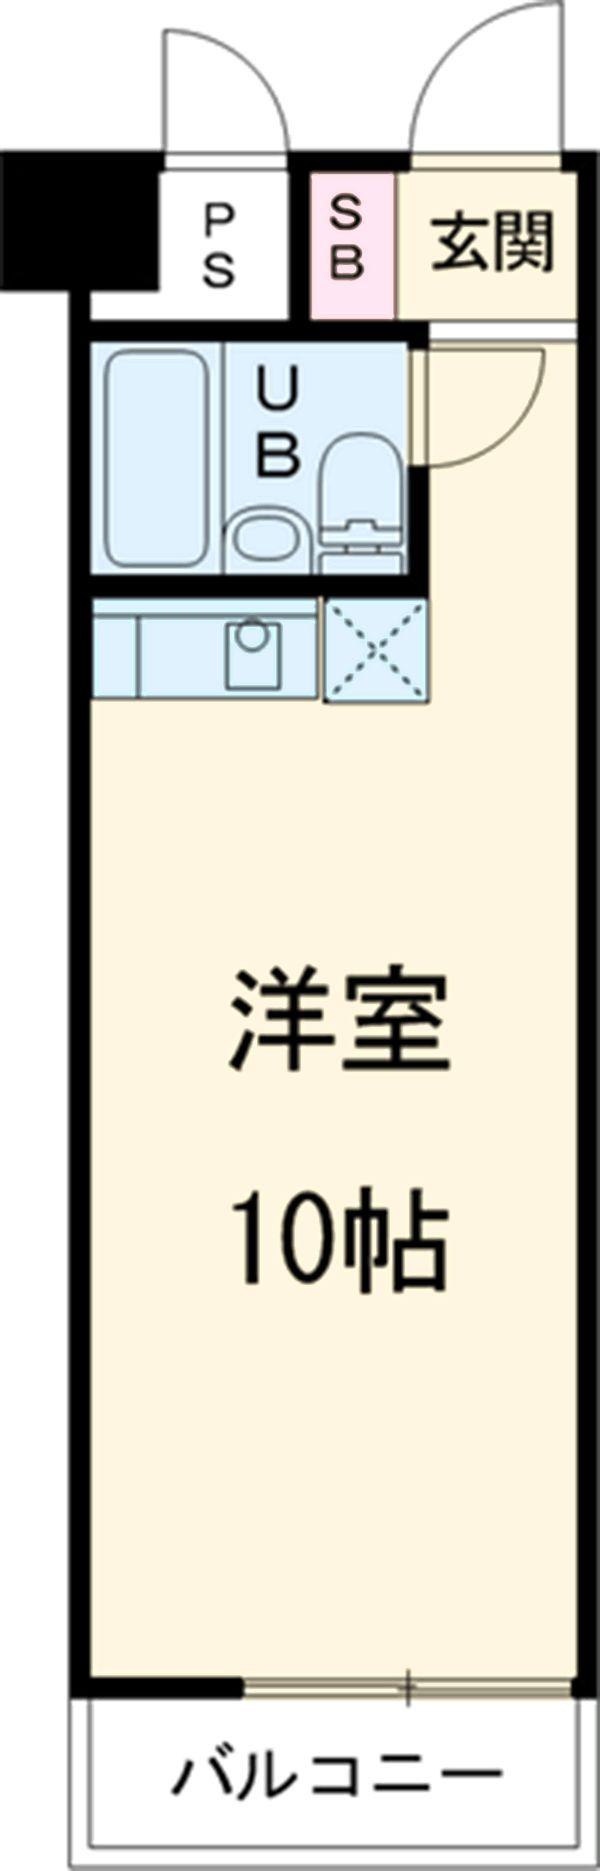 T's garden永山 416号室の間取り